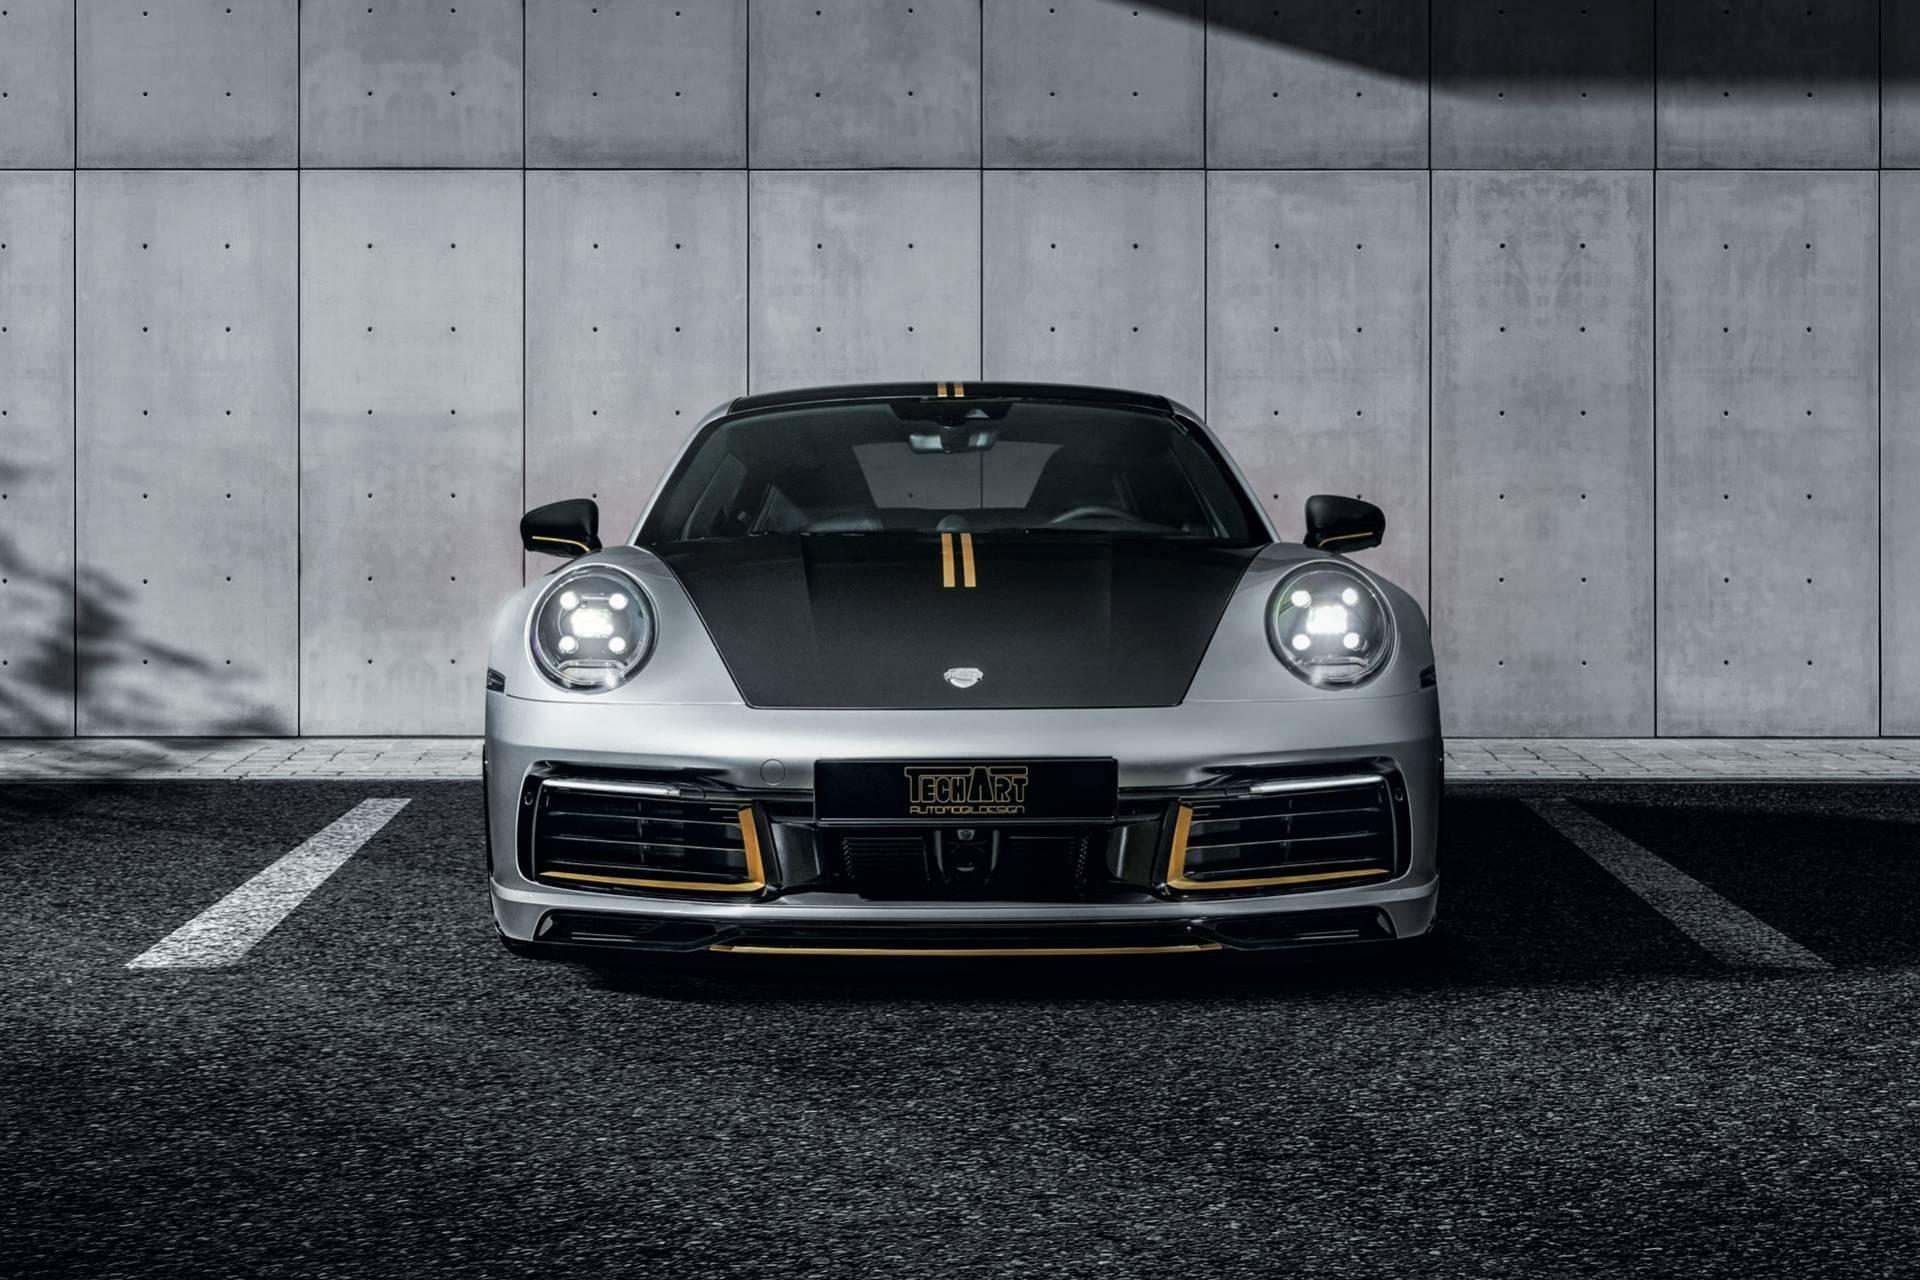 Porsche 911 2020 lot xac voi goi do thu cong hinh anh 54